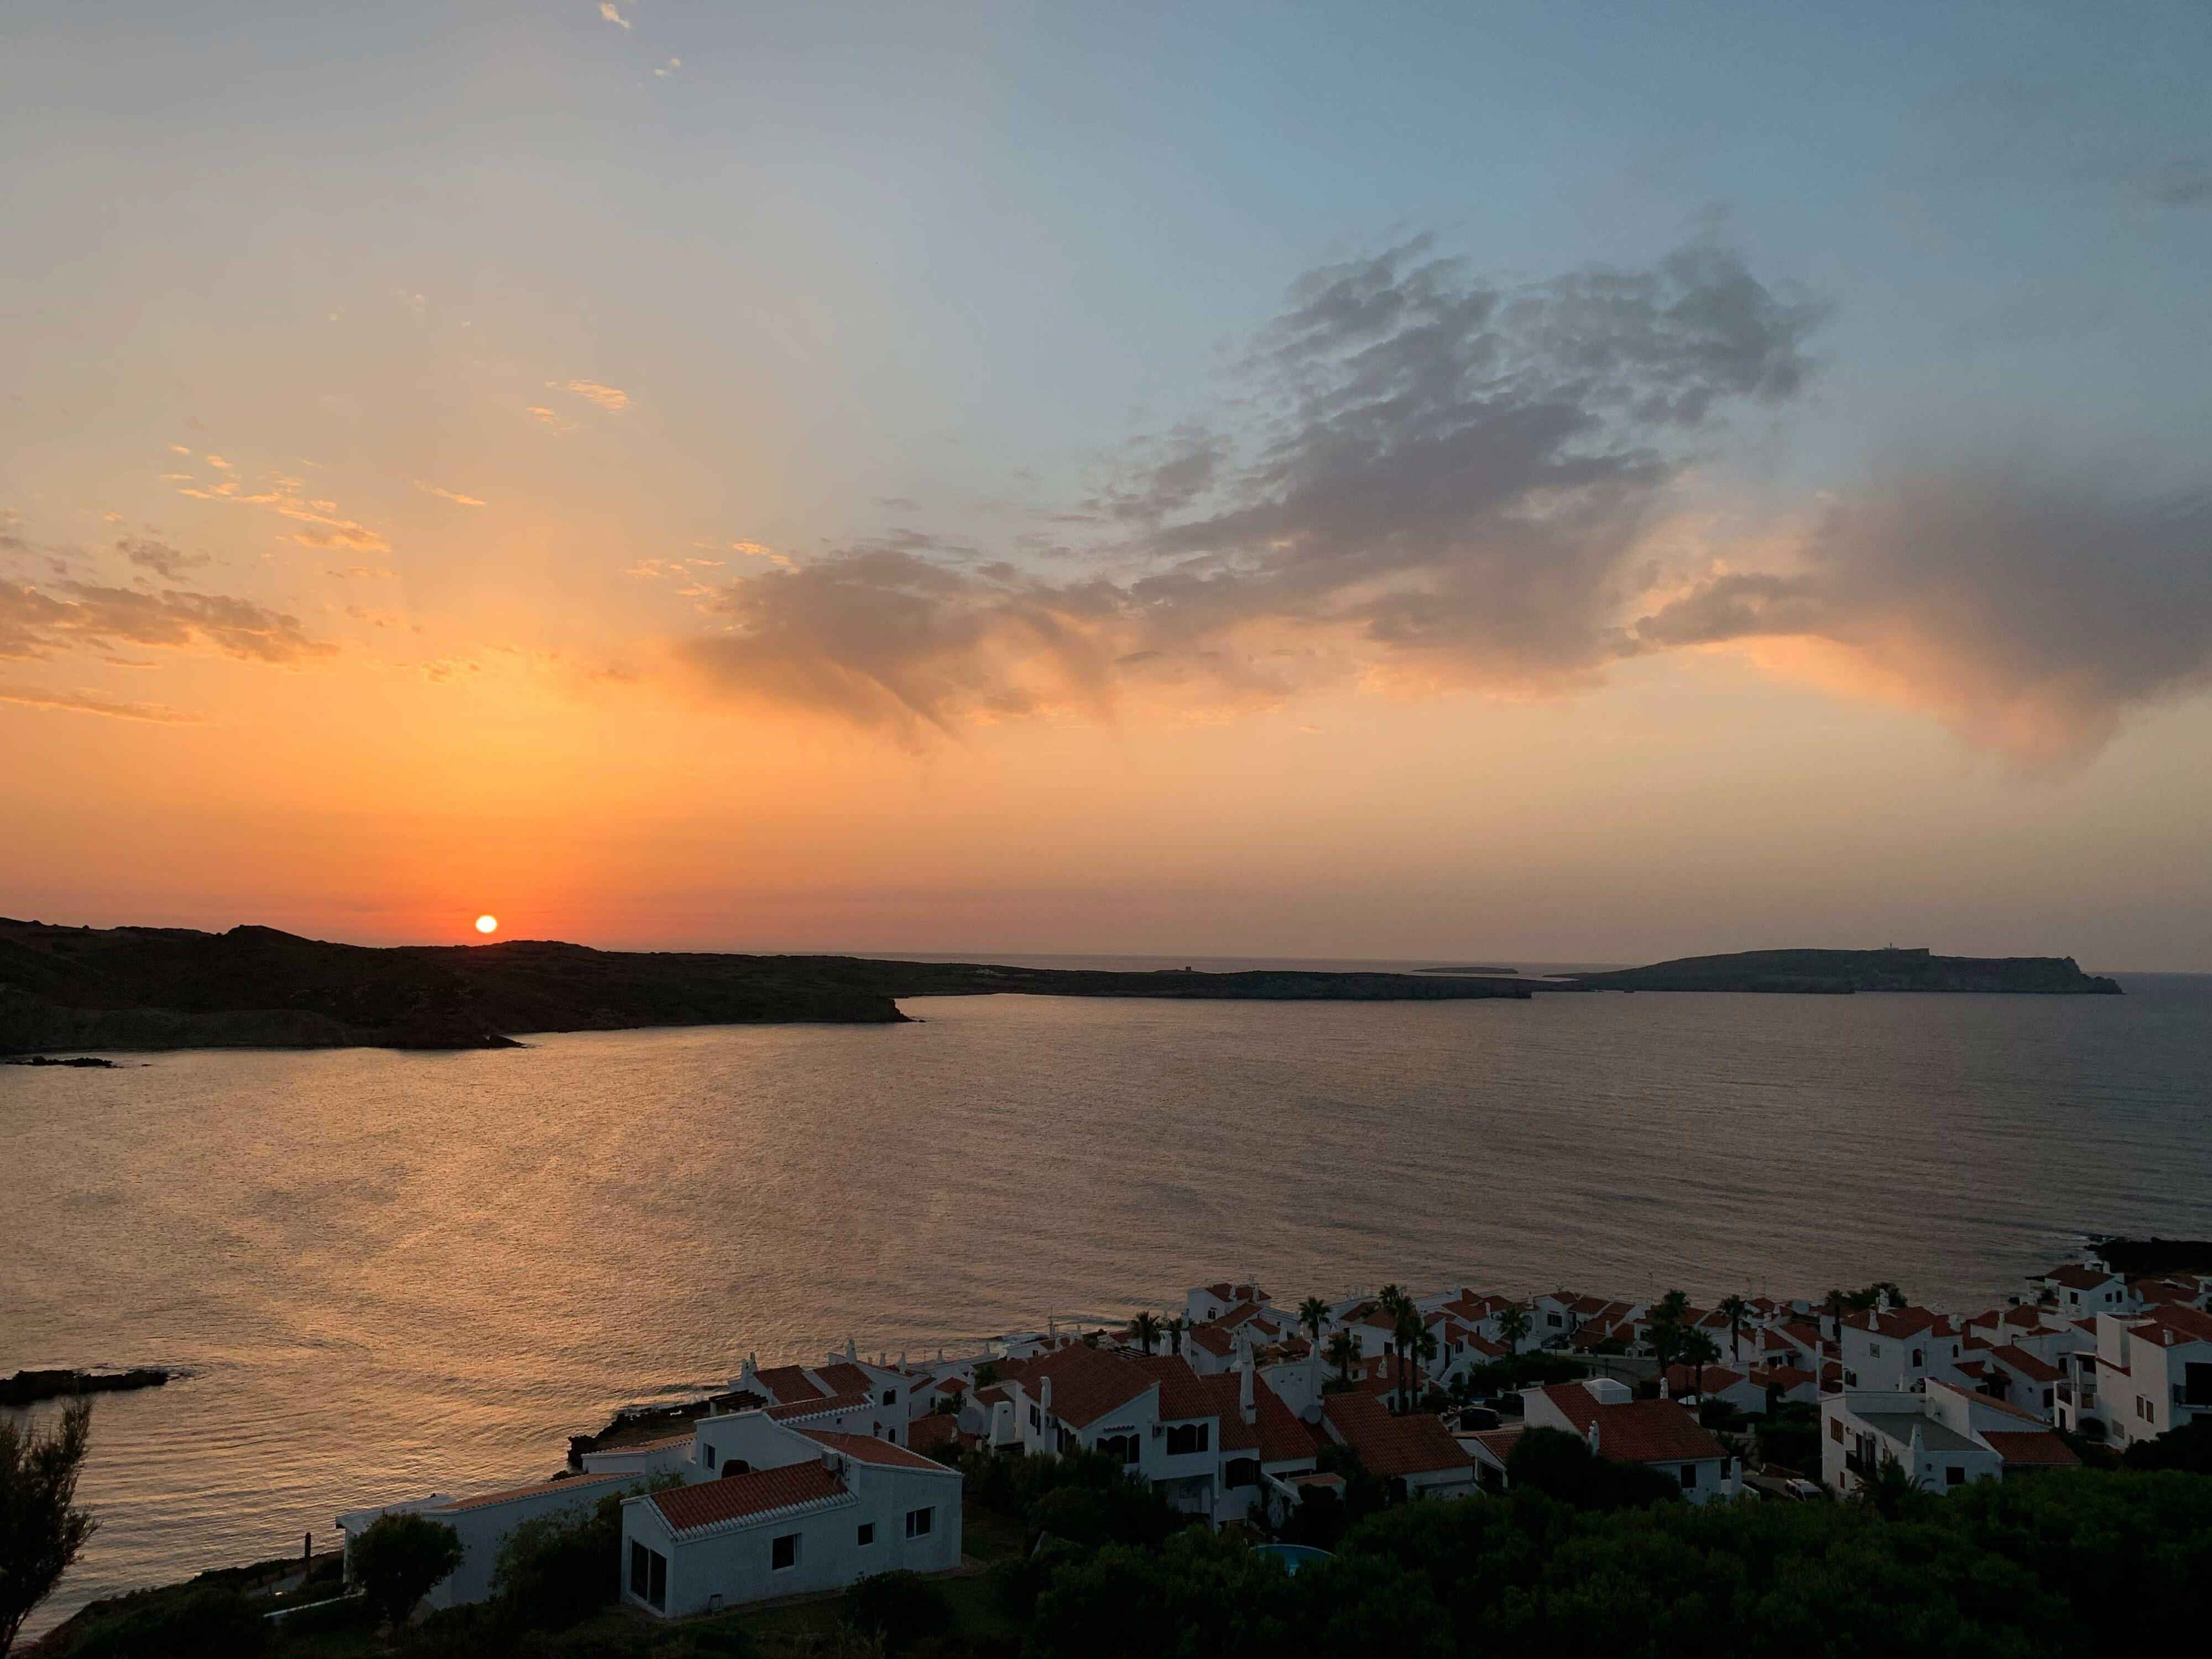 vistas - views_